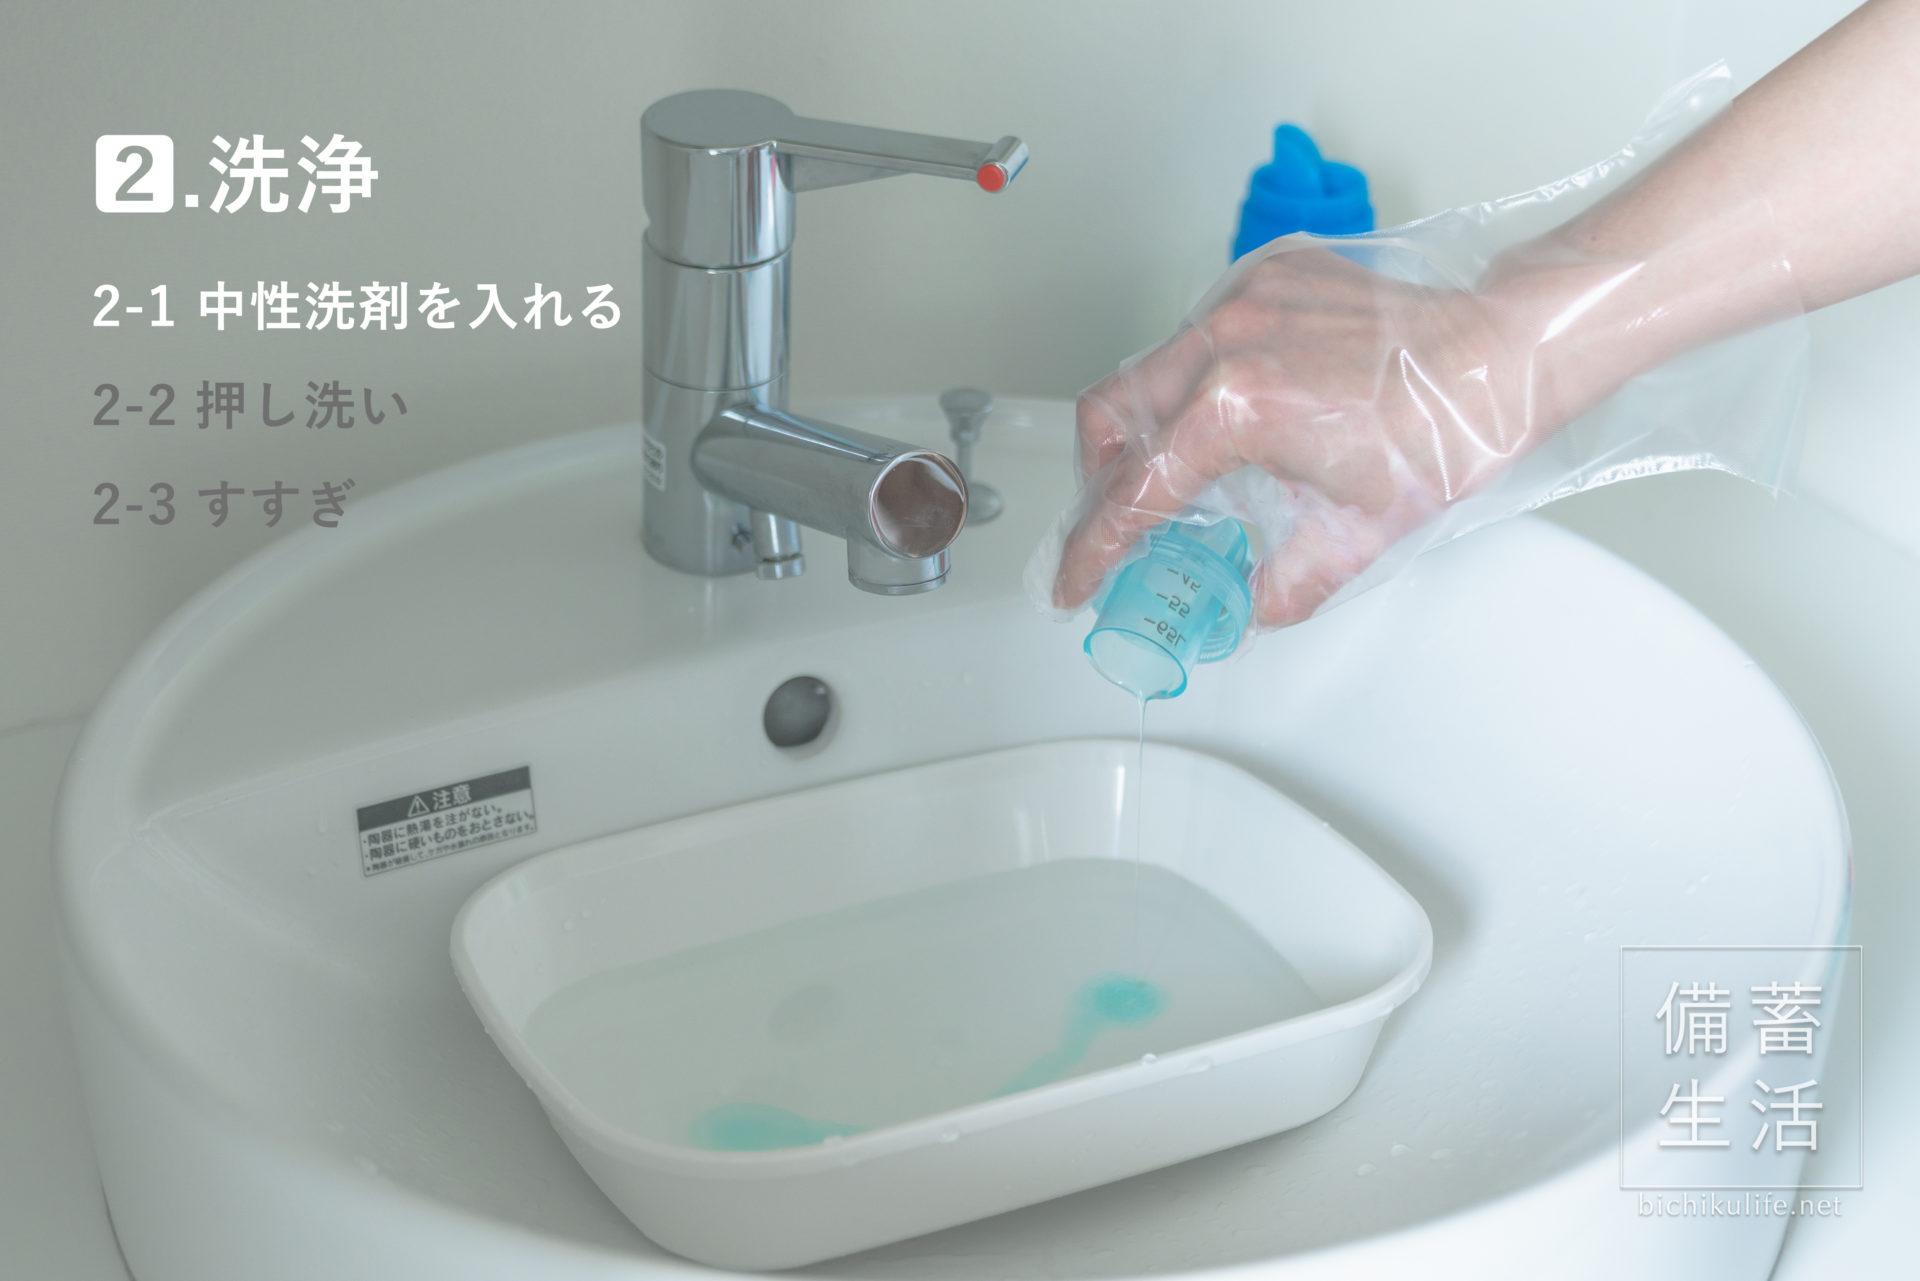 不織布マスクの洗濯方法 2.洗浄 2-1 中性洗剤を入れる